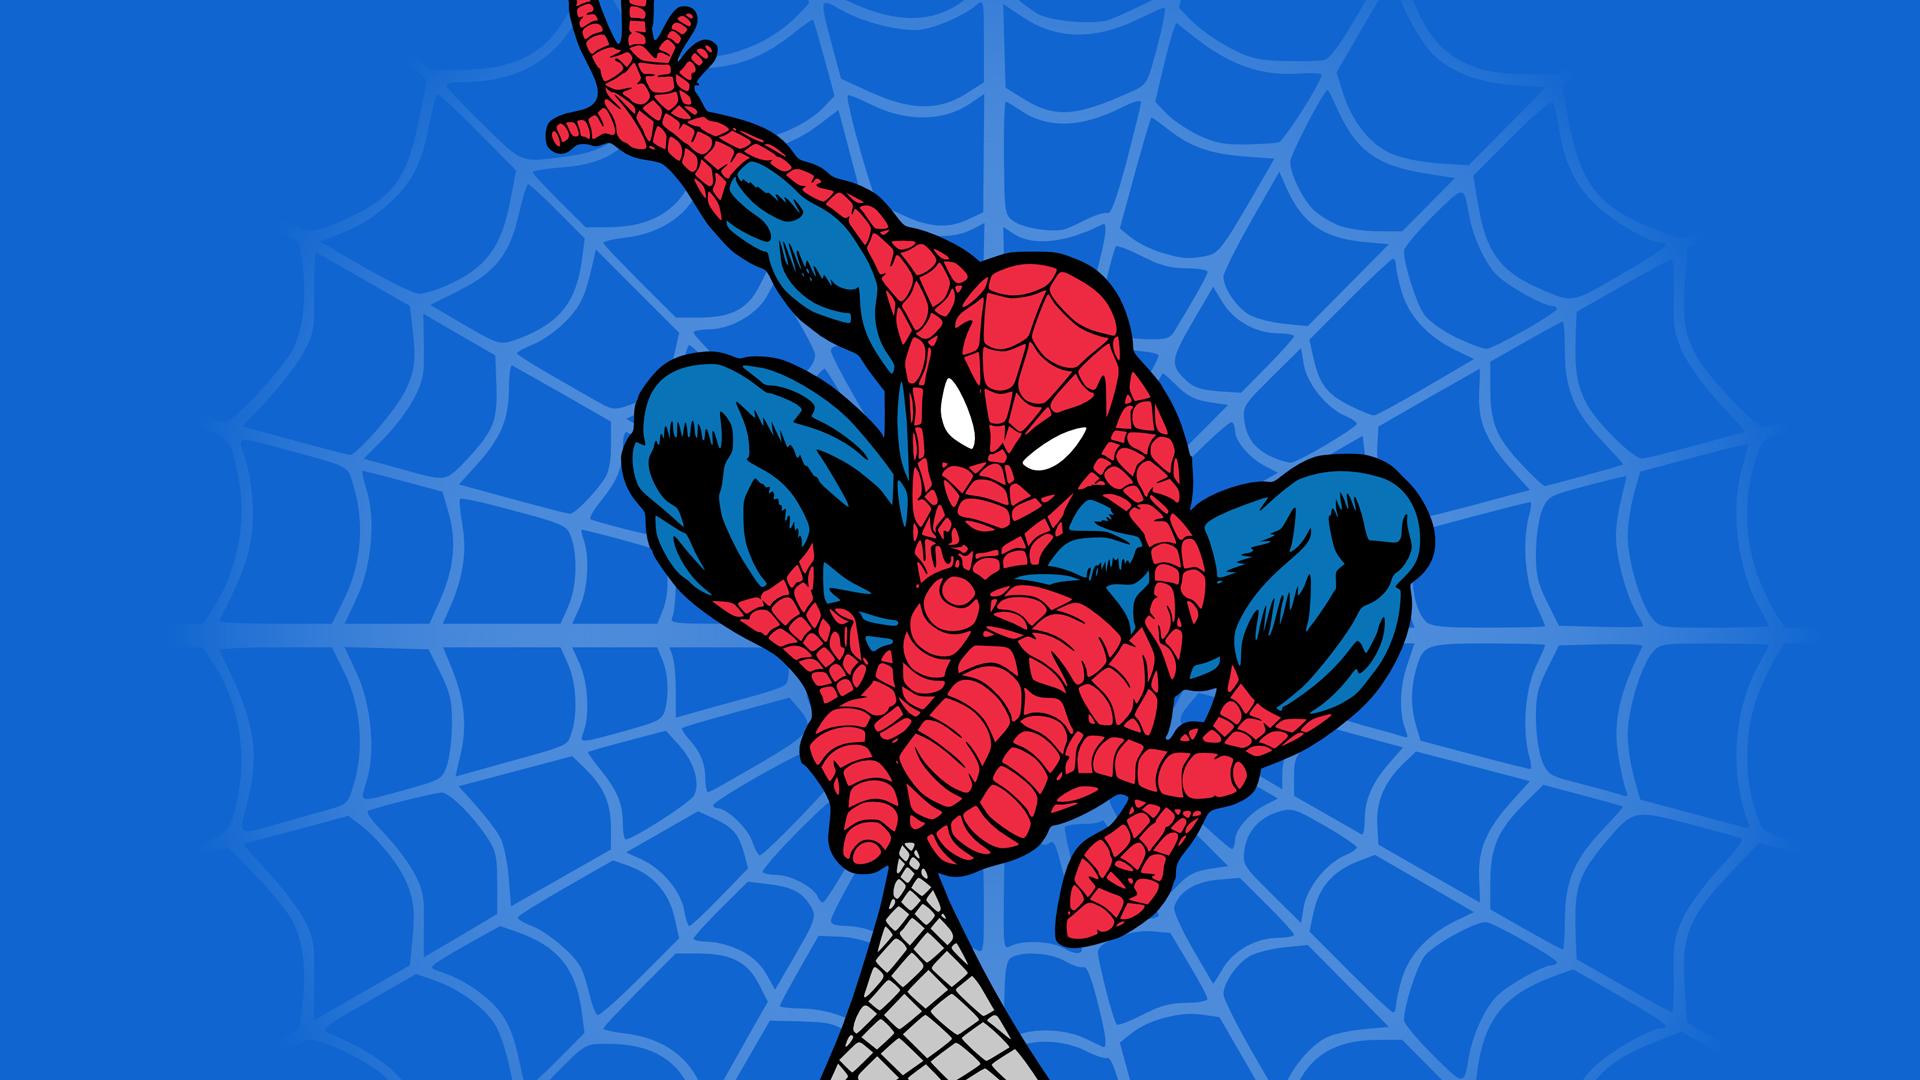 spiderman wallpaper 43 1920x1080